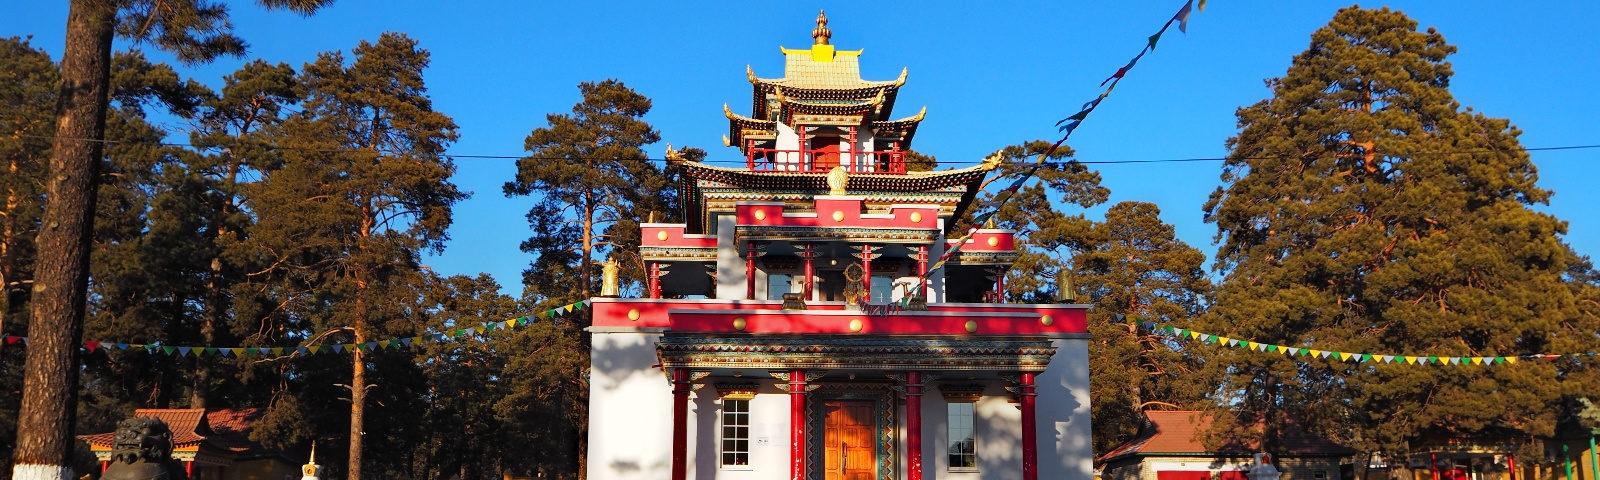 Tschita buddhistischer Tempel